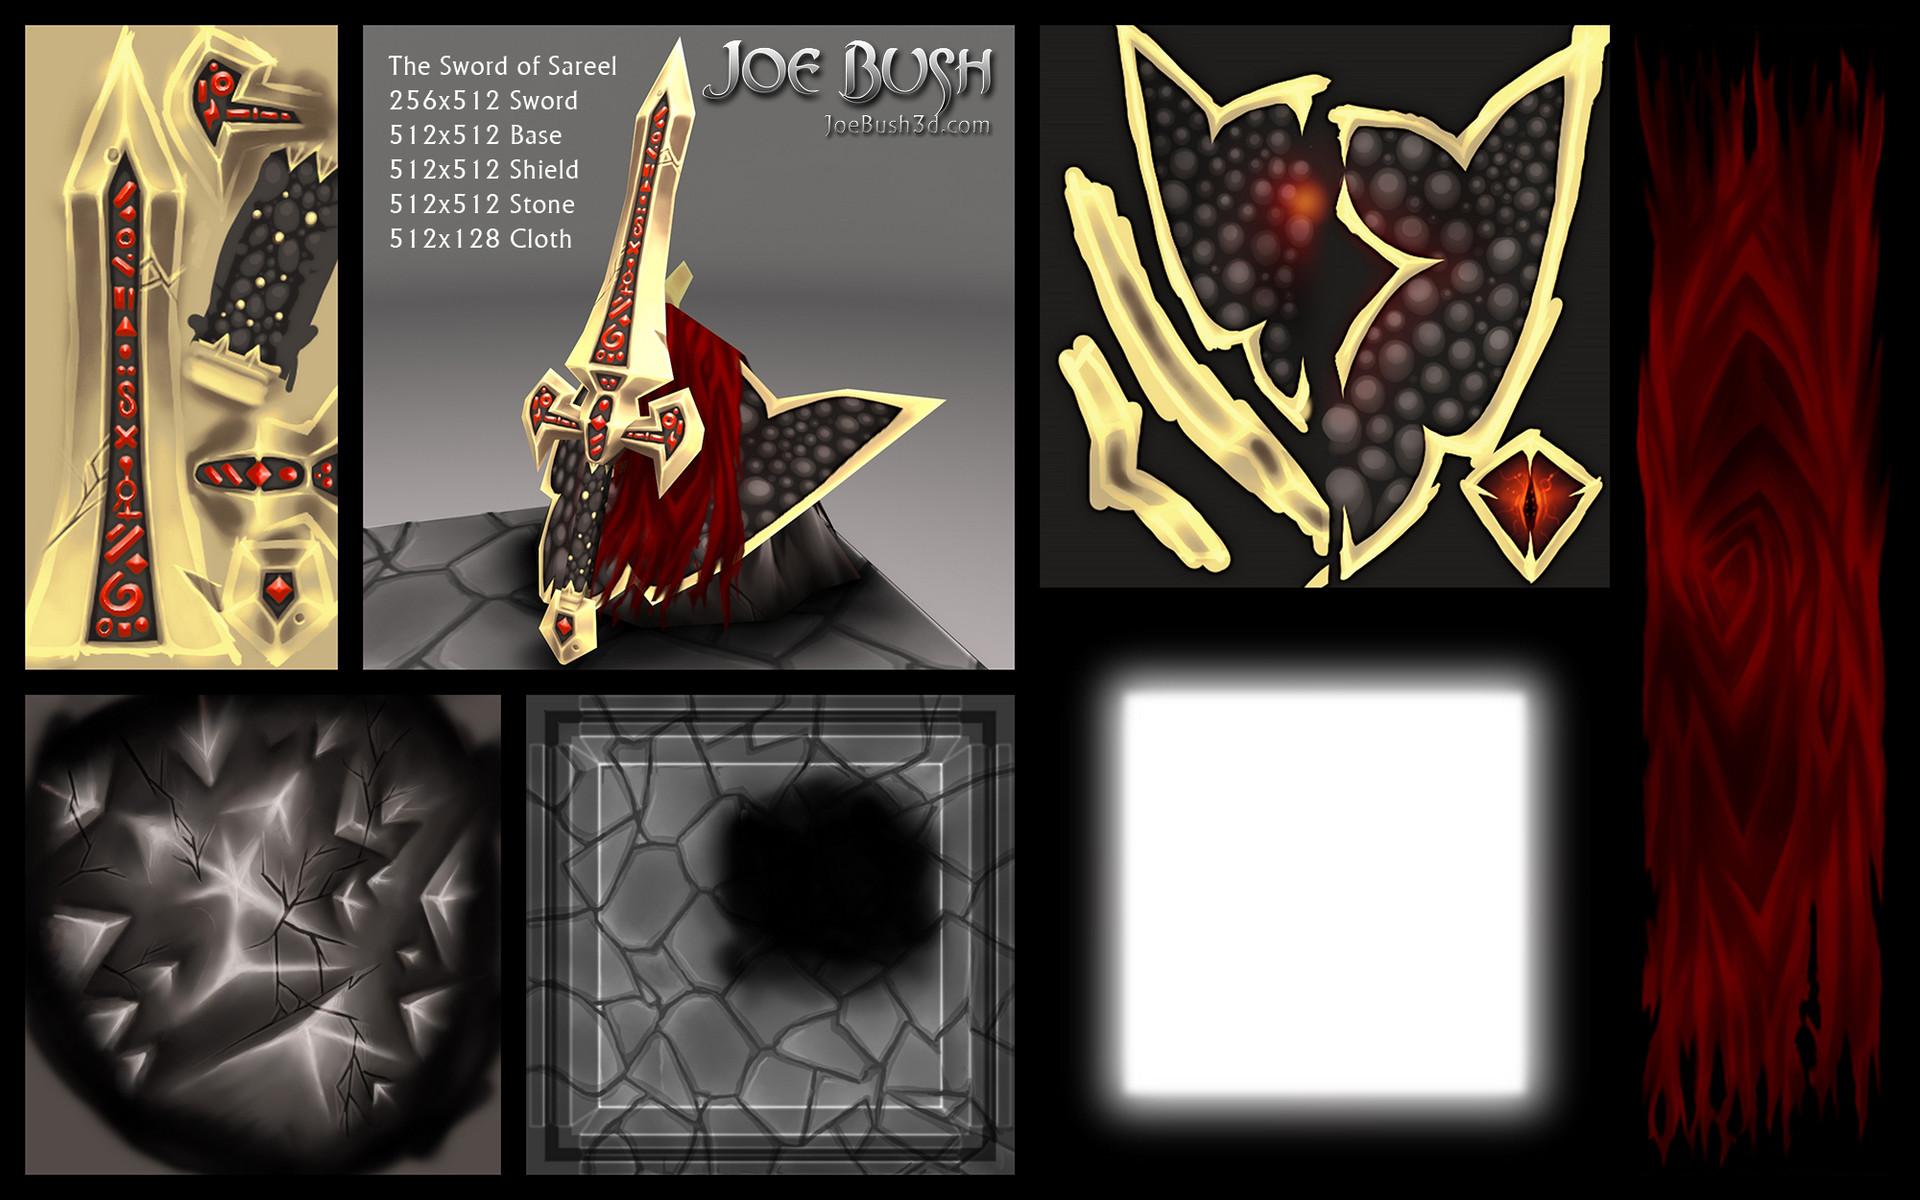 Joe bush swordofsareel textures